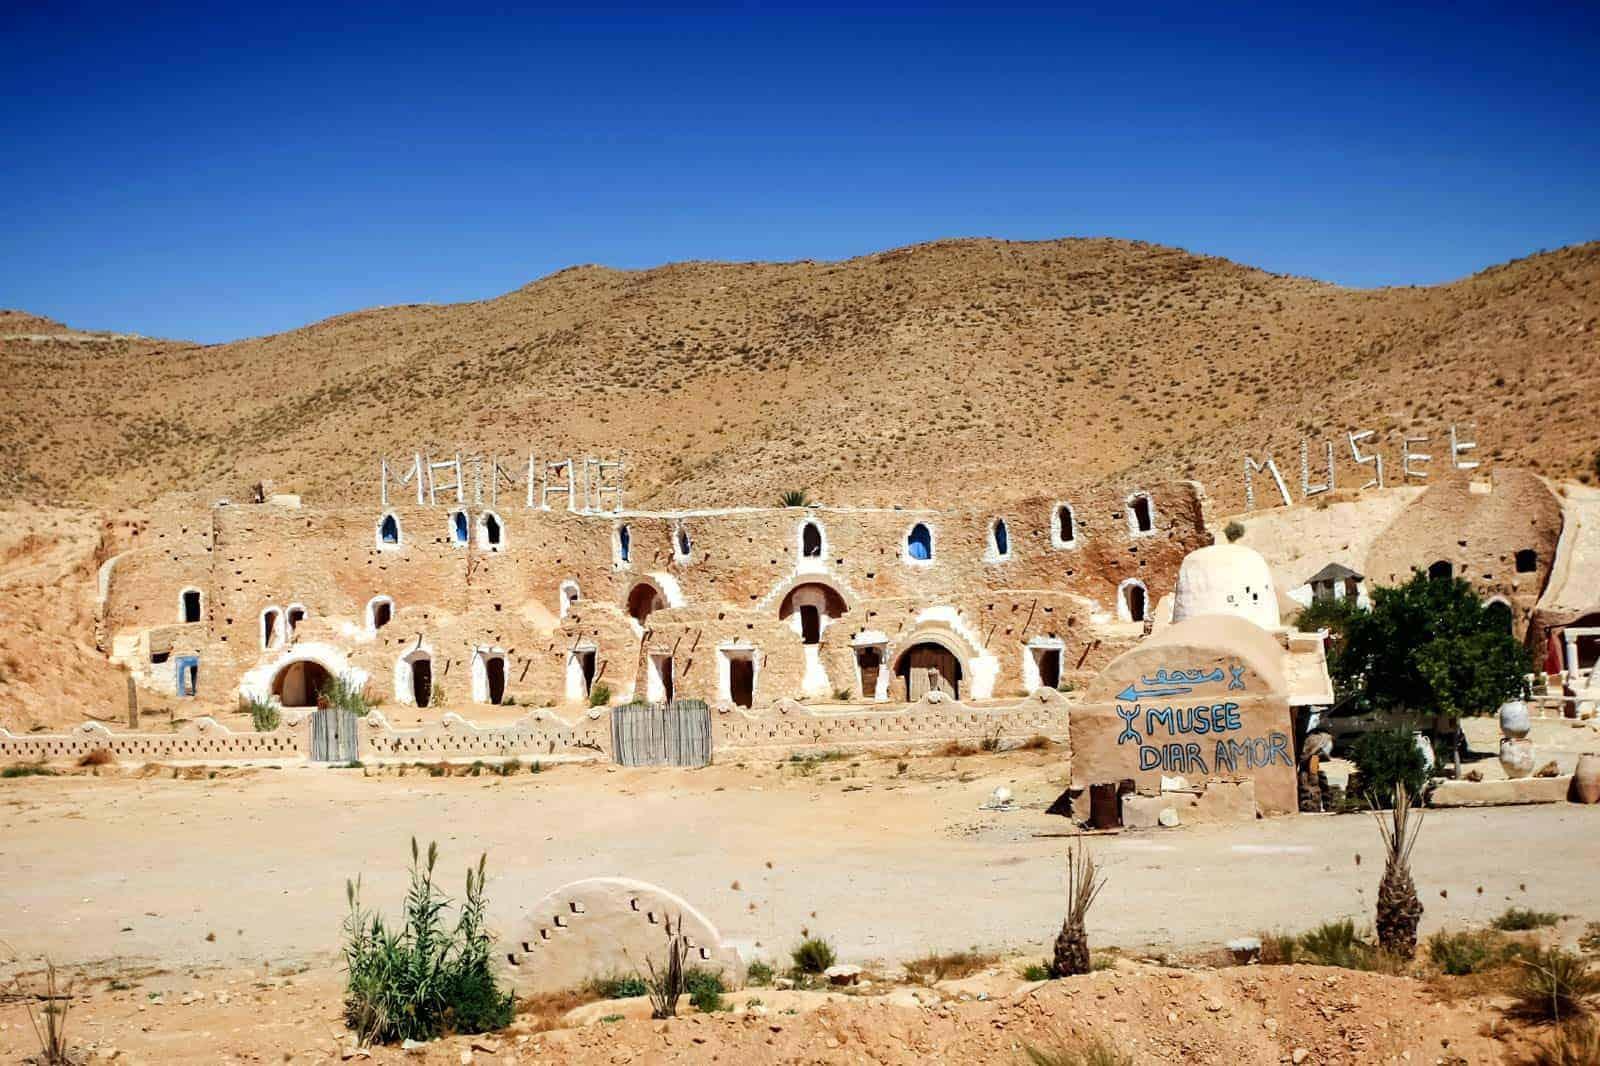 Trogloditsko selo Matmata, Tunis